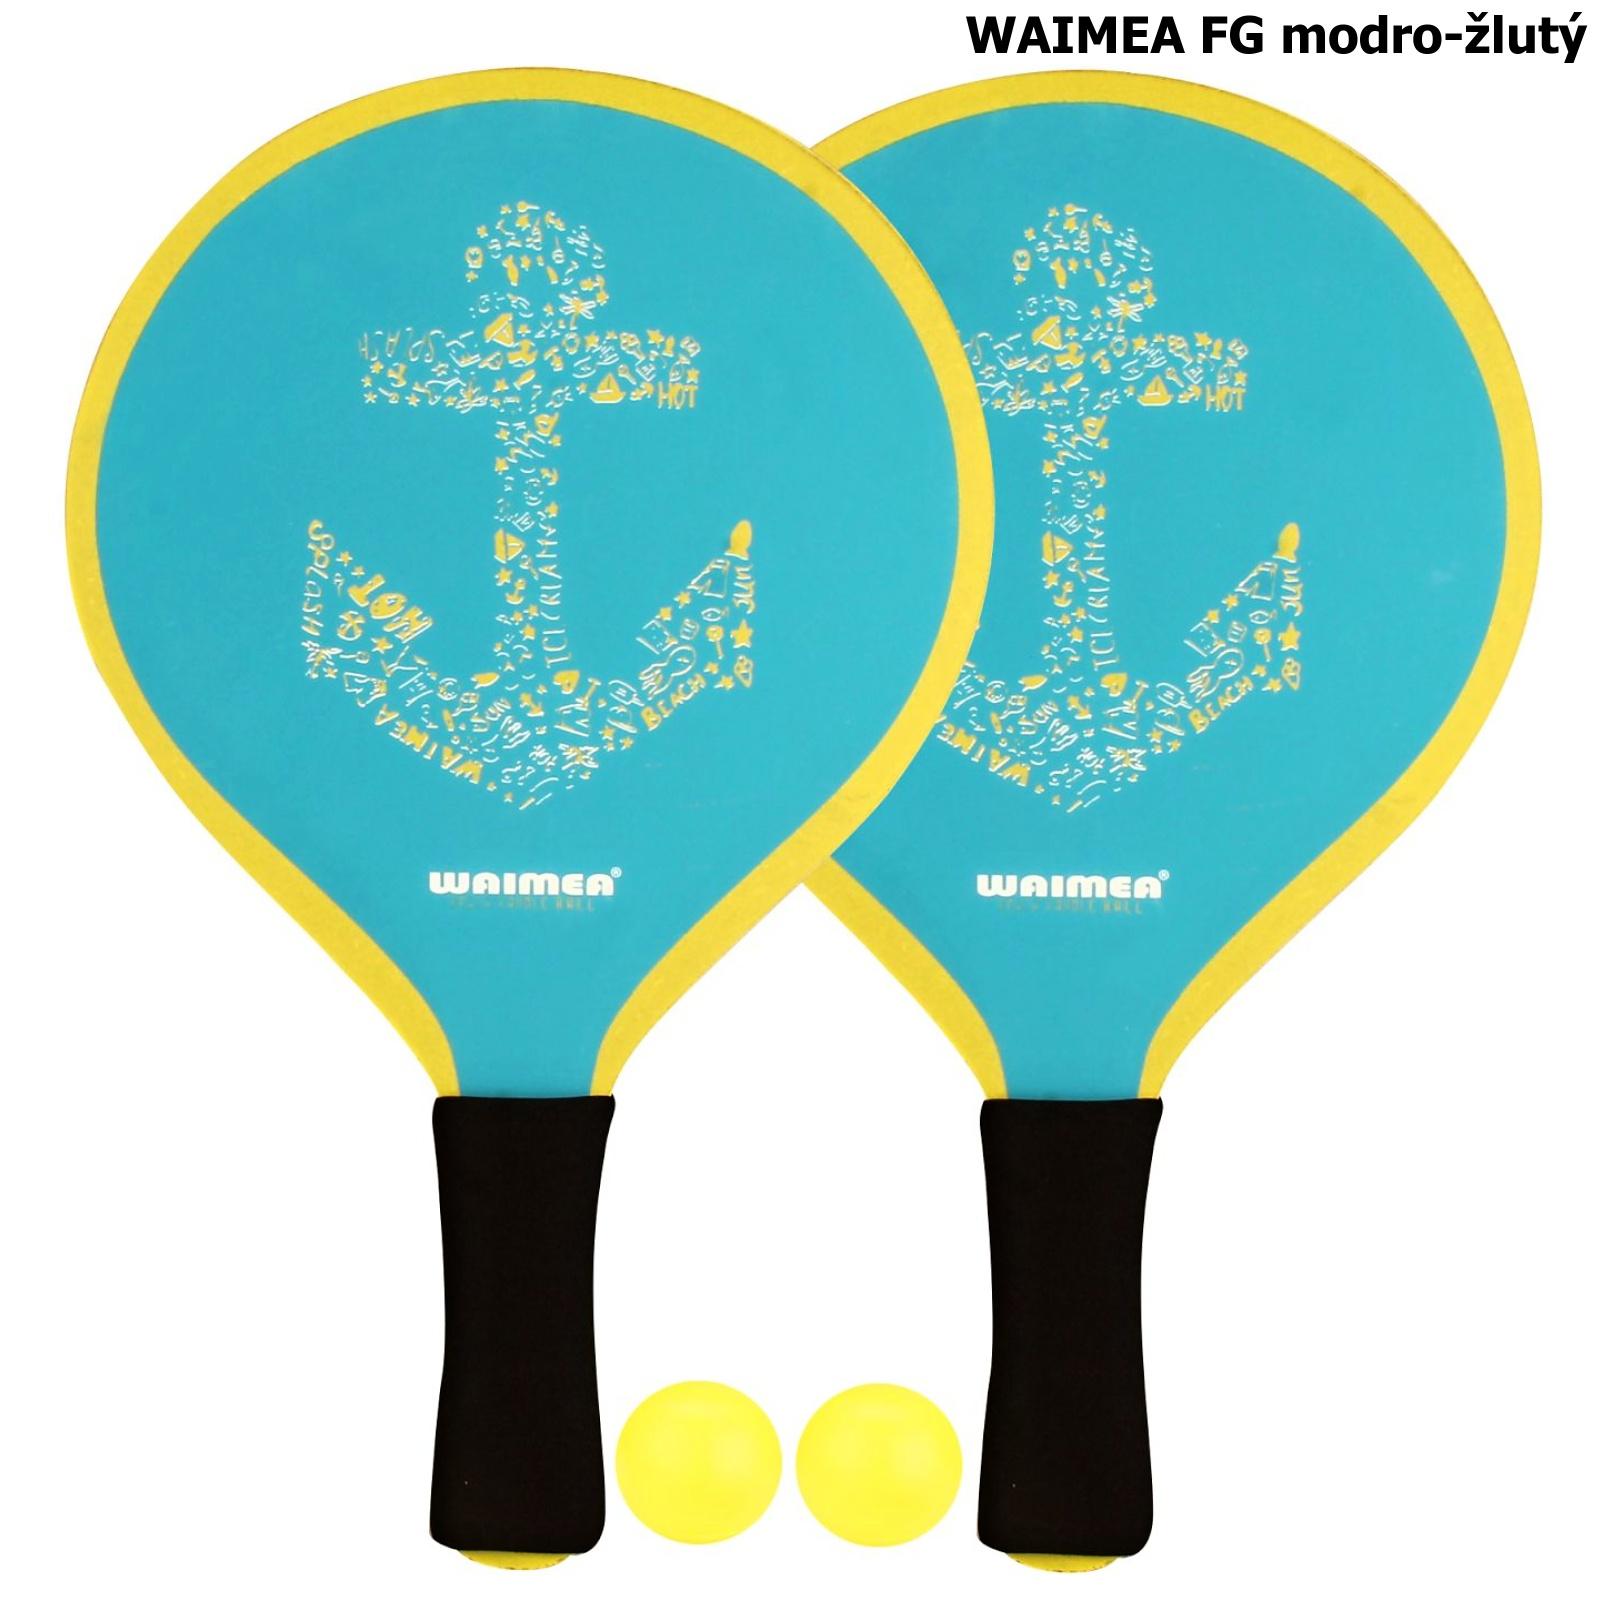 Plážový tenis WAIMEA FG - modro-žlutý